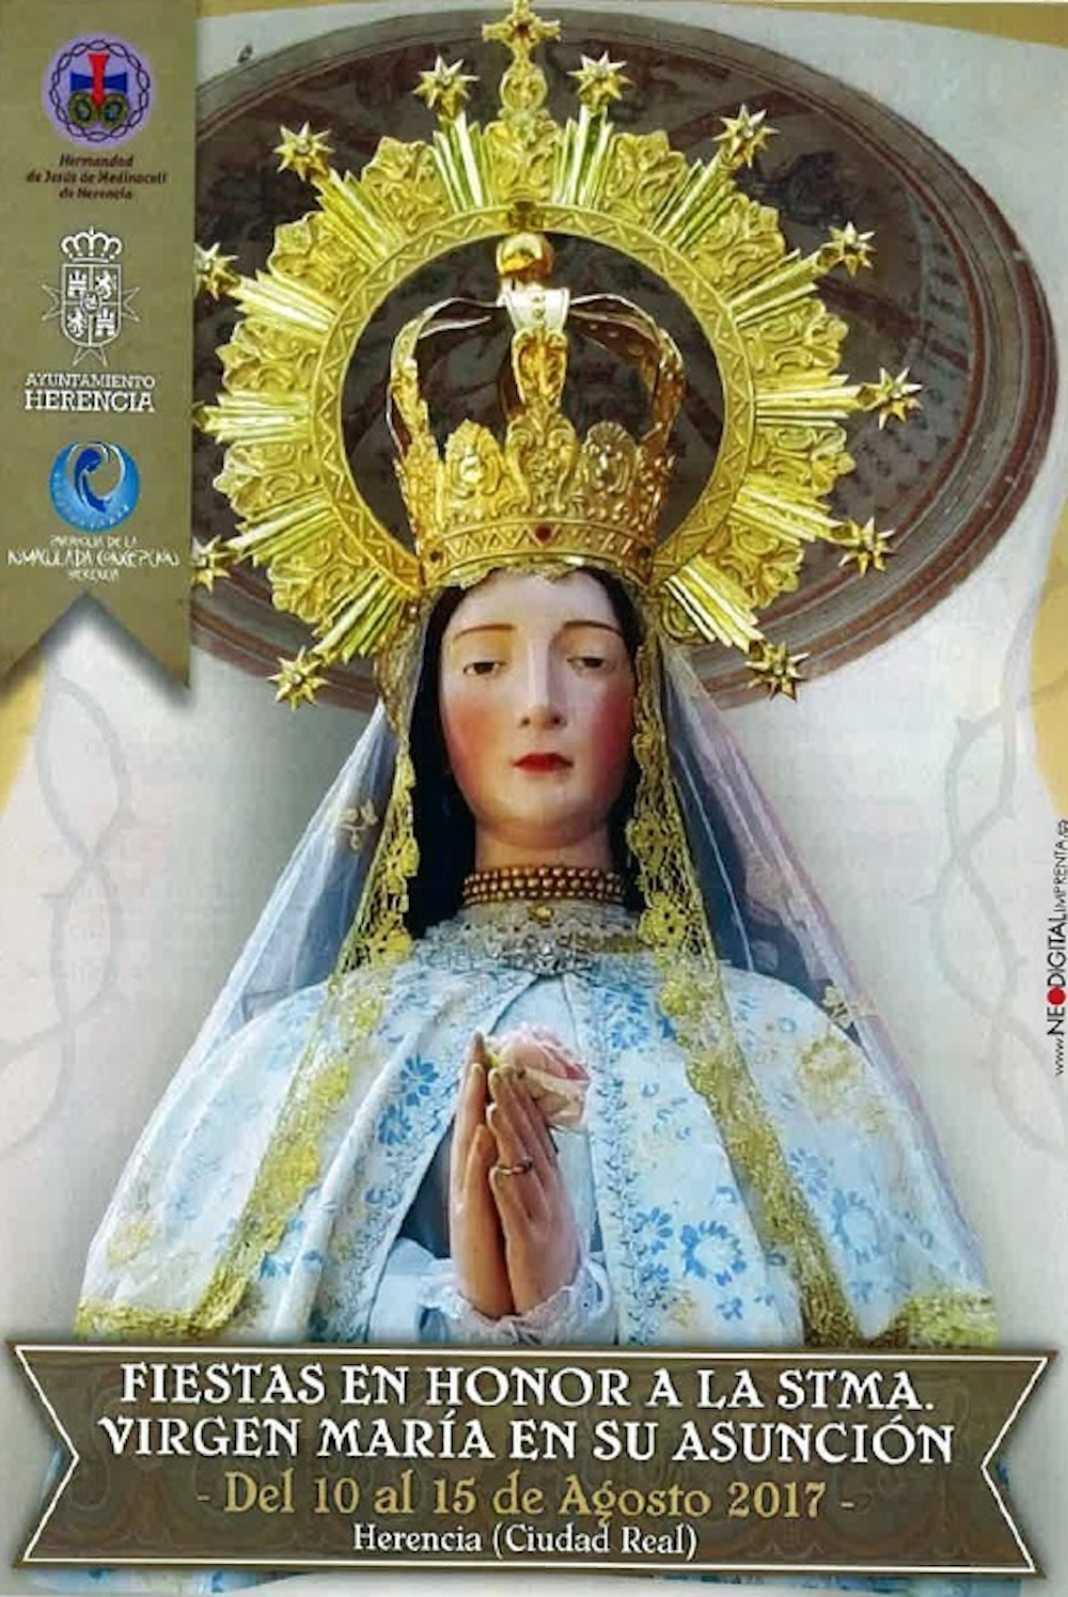 Virgen de la Asuncion Herencia 1068x1597 - El Barrio de la Labradora se engalana para celebrar sus fiestas en honor a la Virgen de la Asunción